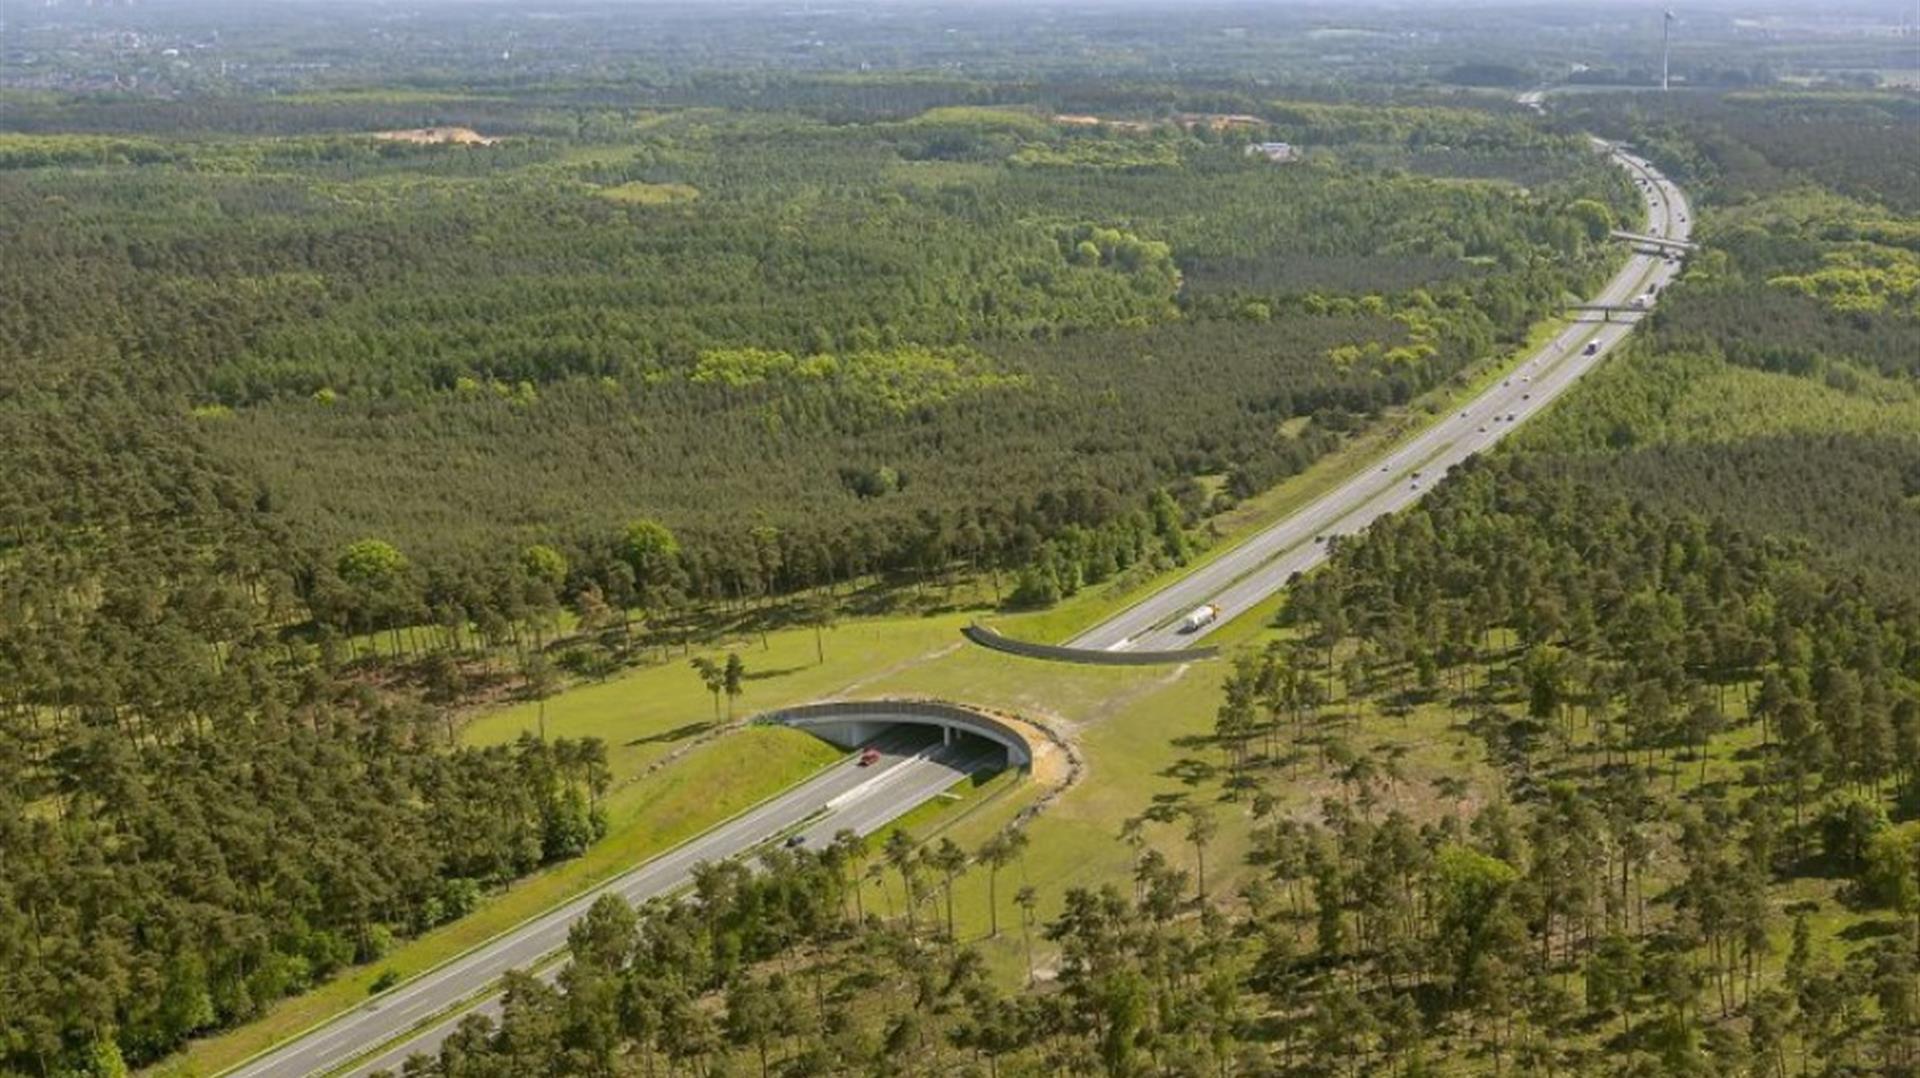 Infrastrutture sostenibili, un nuovo modo di concepire le strade